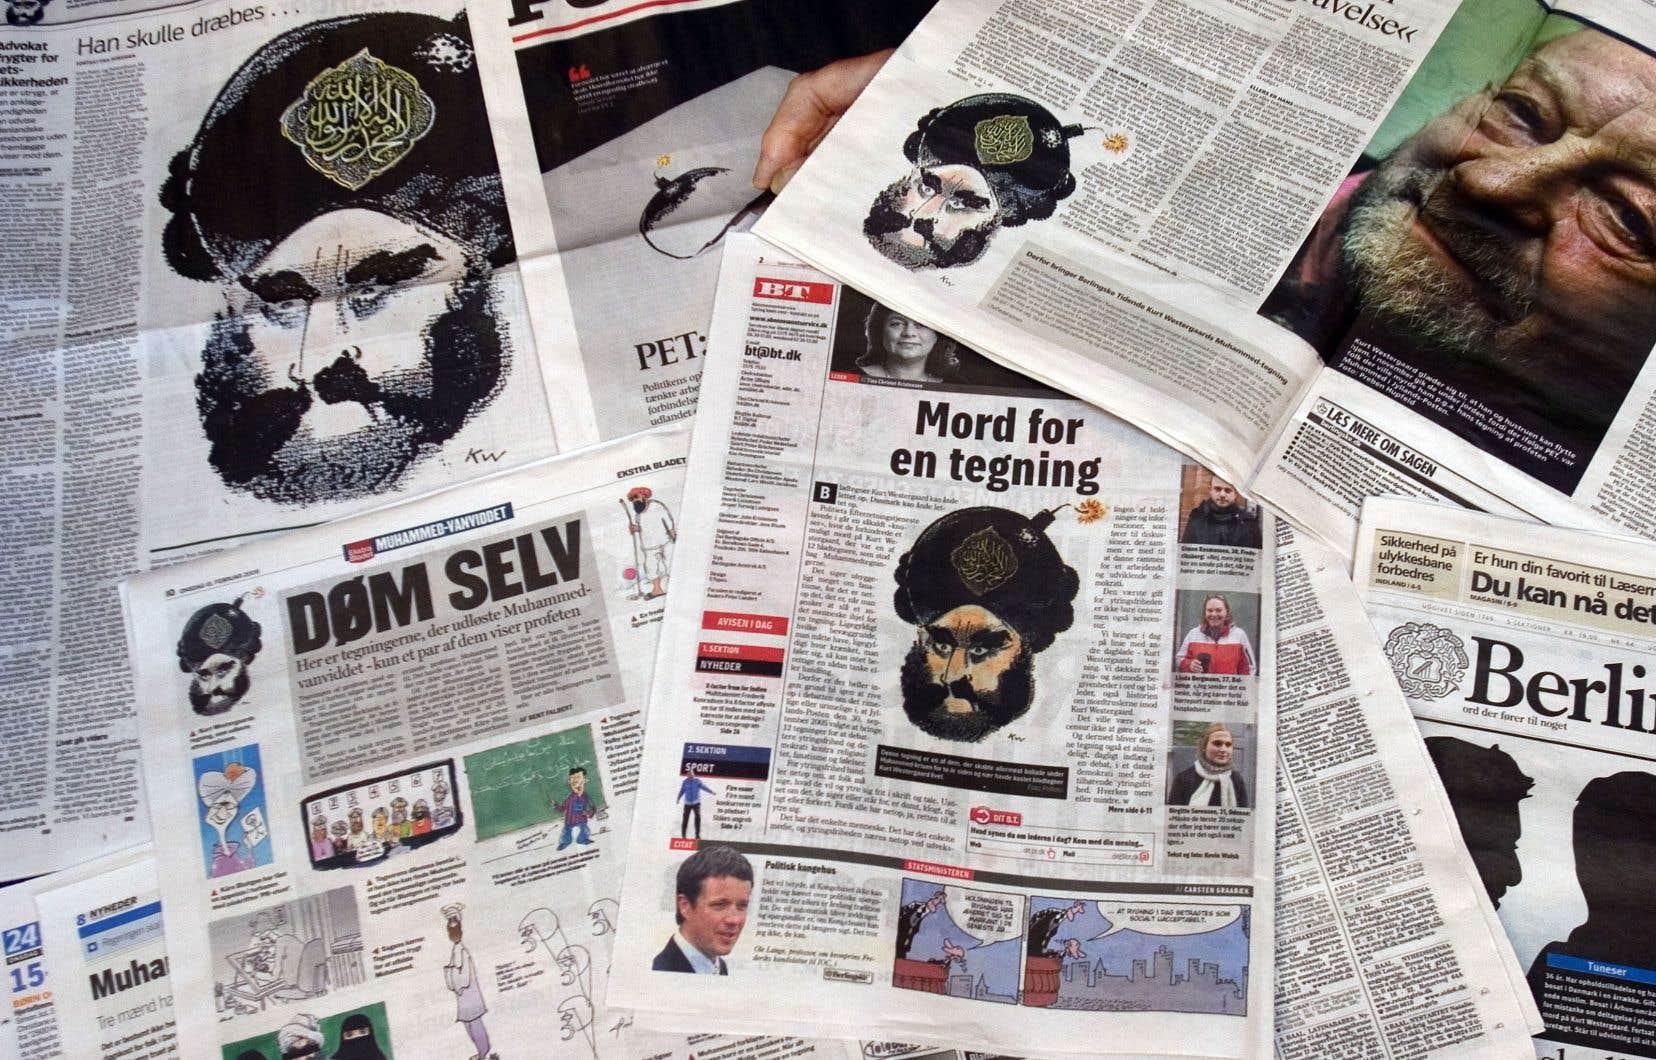 La caricature de Mahomet avait été reproduite par plusieurs journaux.